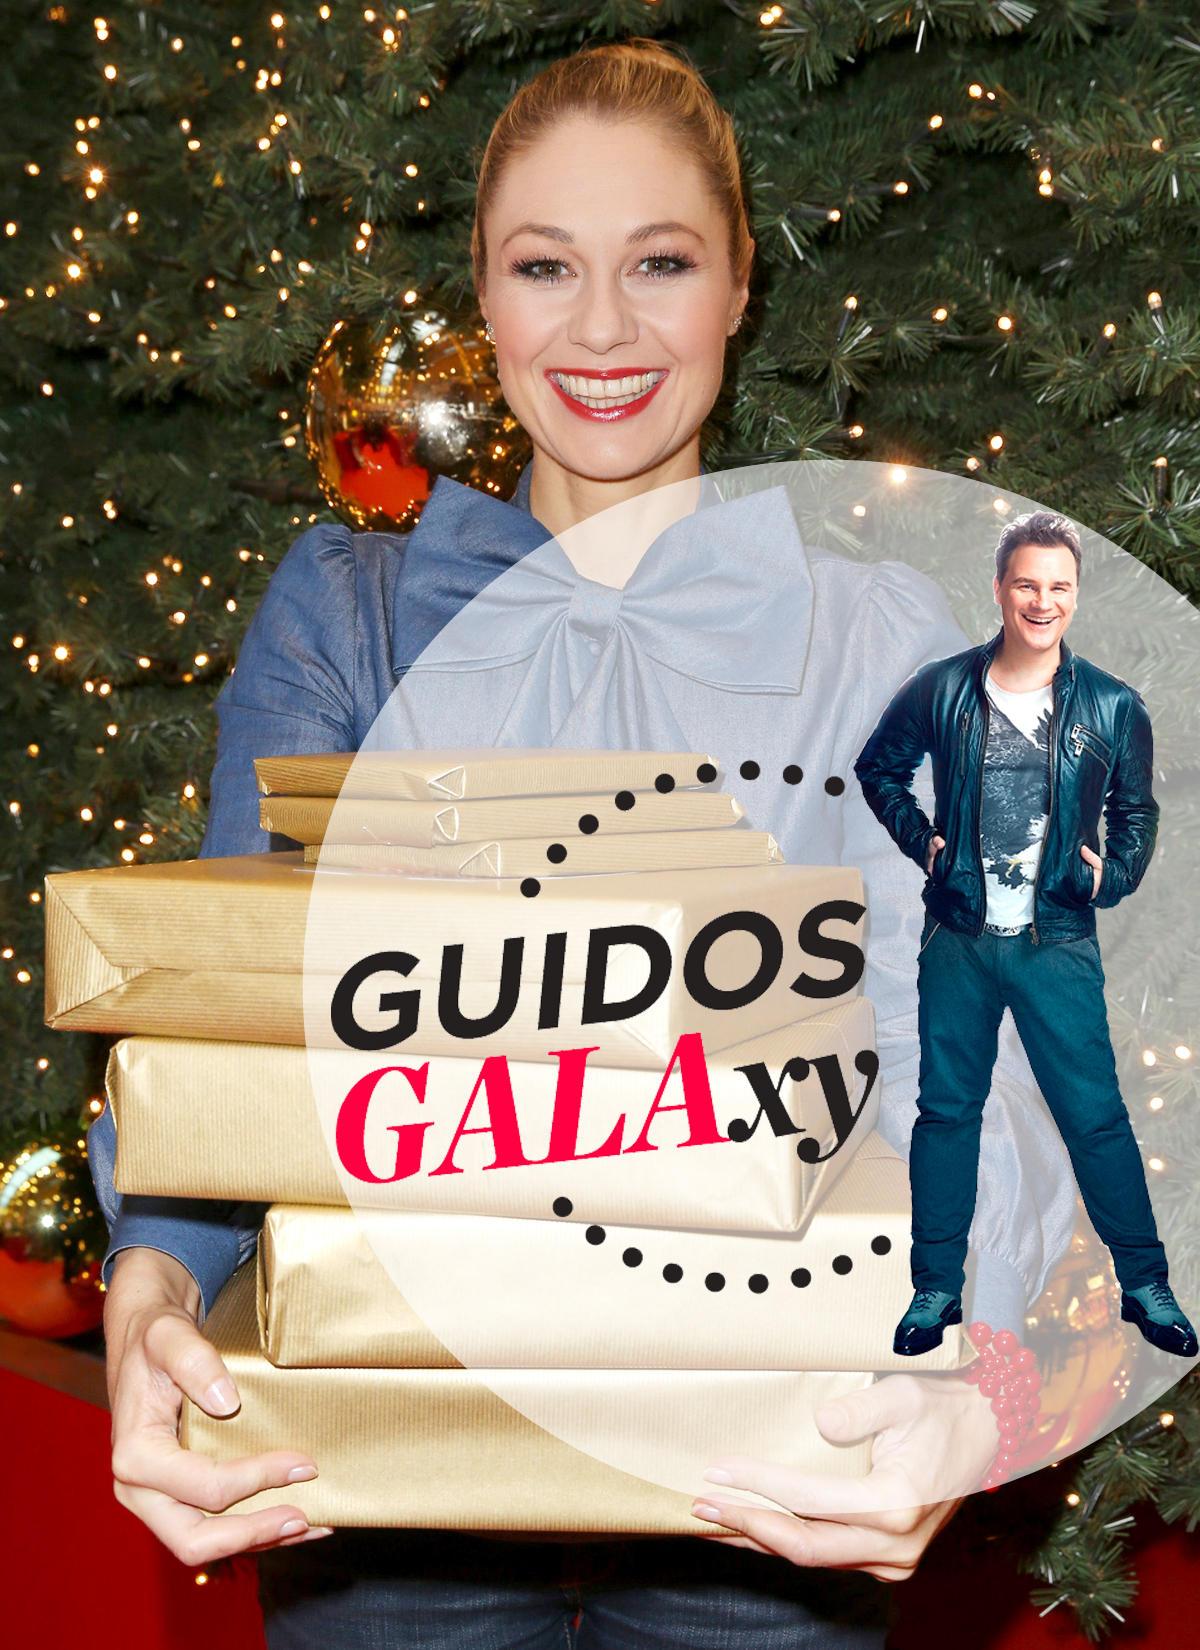 Guidos GALAxy: Guidos Geschenke-Guide | GALA.de